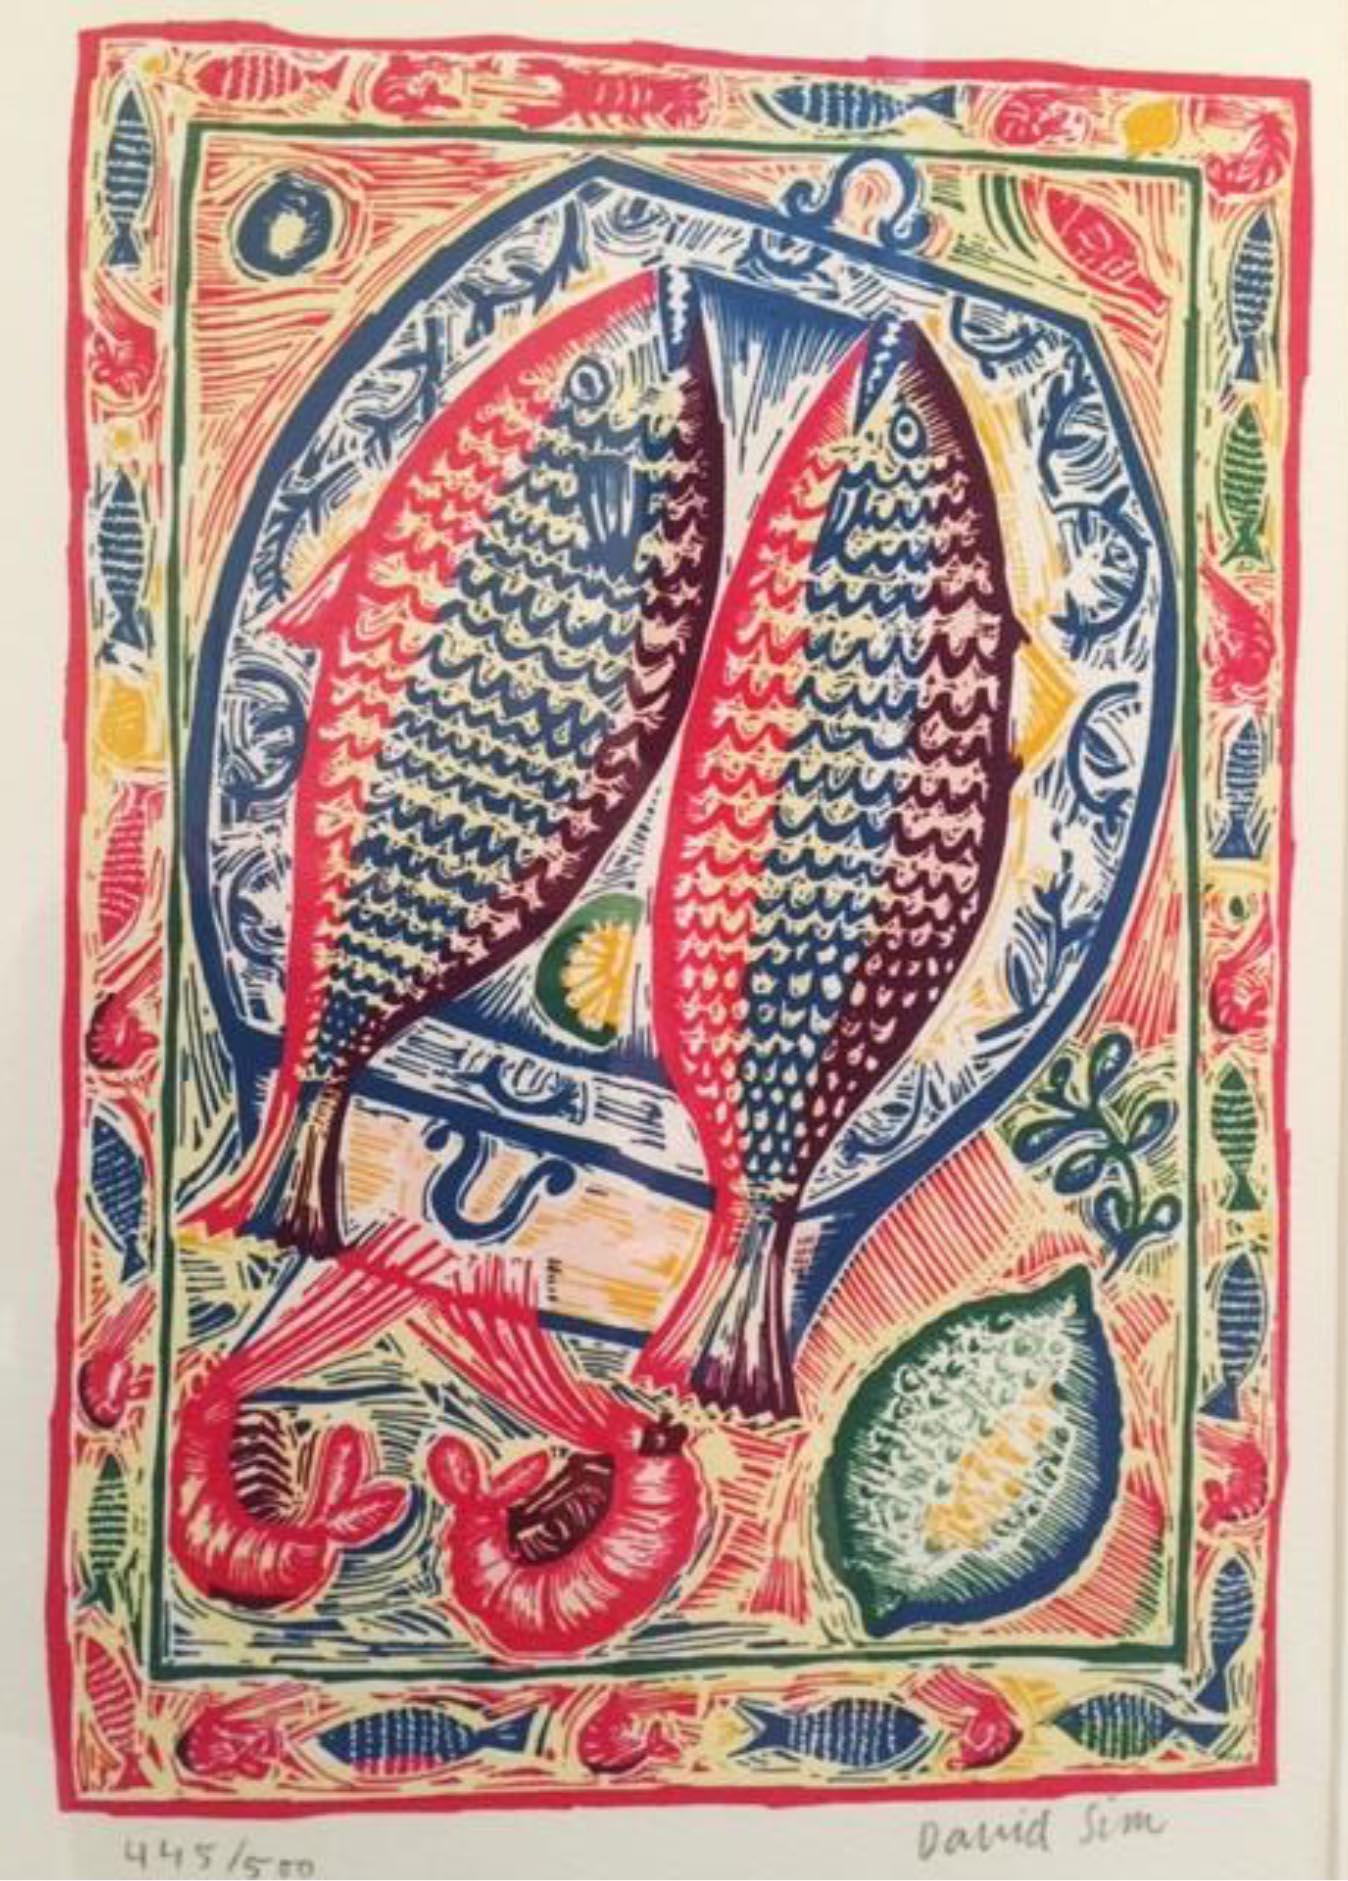 Fish David Sim